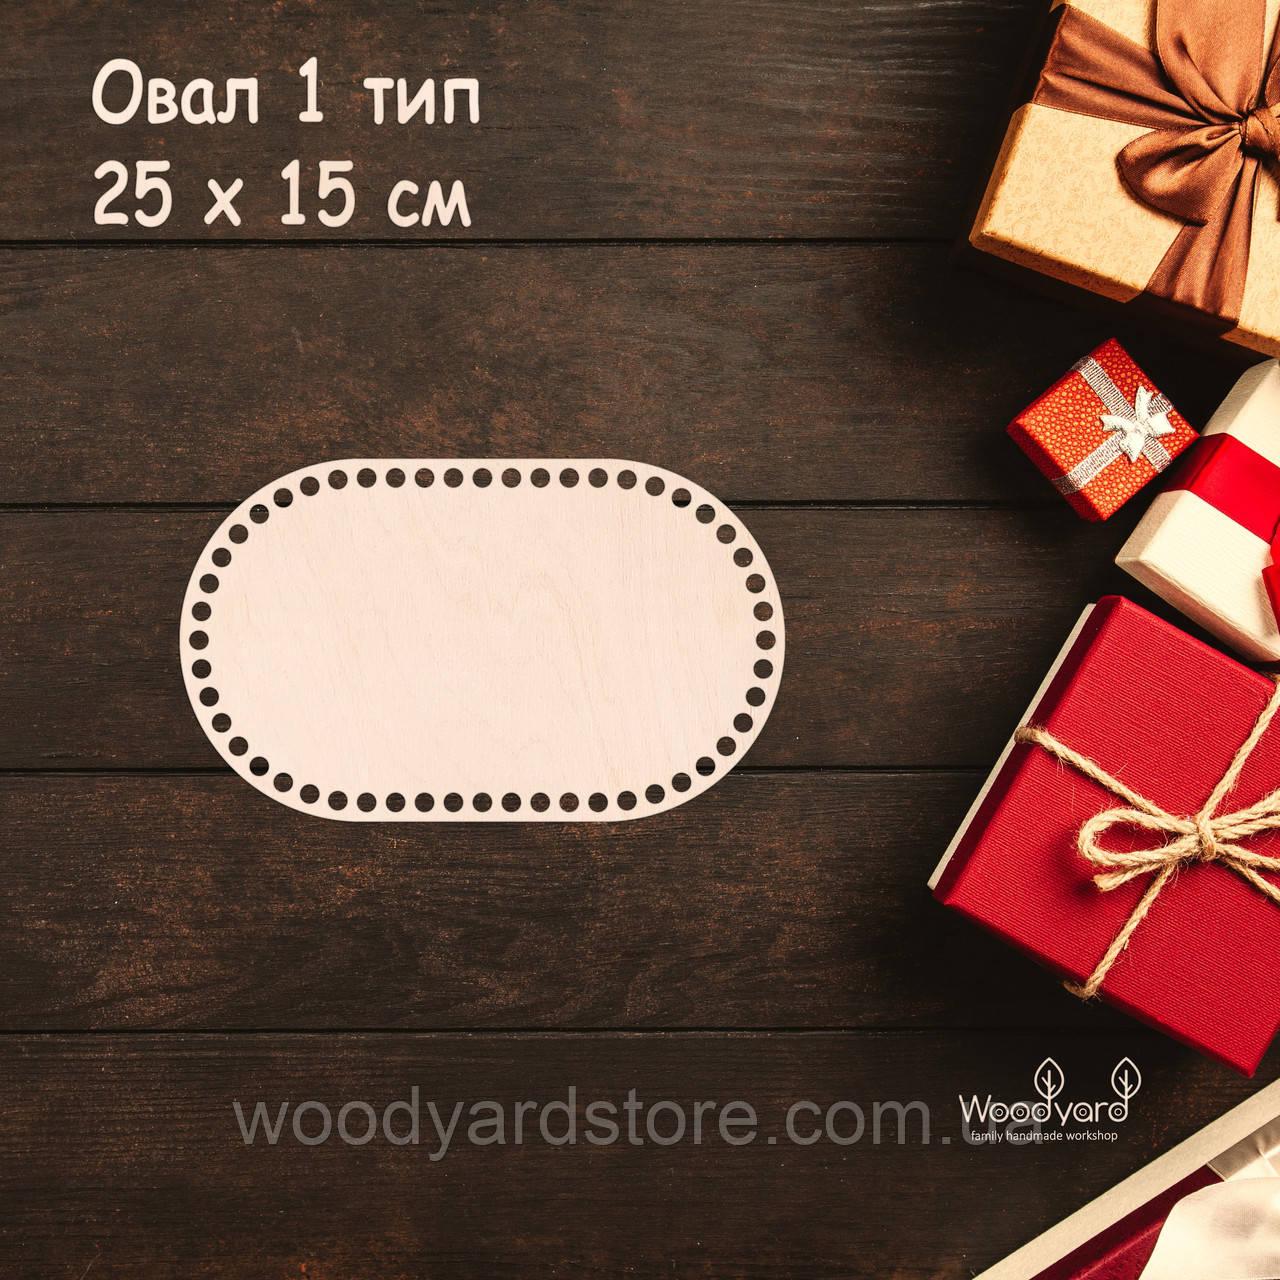 """Овальне дерев'яне денце для в'язання кошиків, корзин, сумок, люльок. Денце """"Овал (1 тип)"""". Розмір: 25x15 см."""